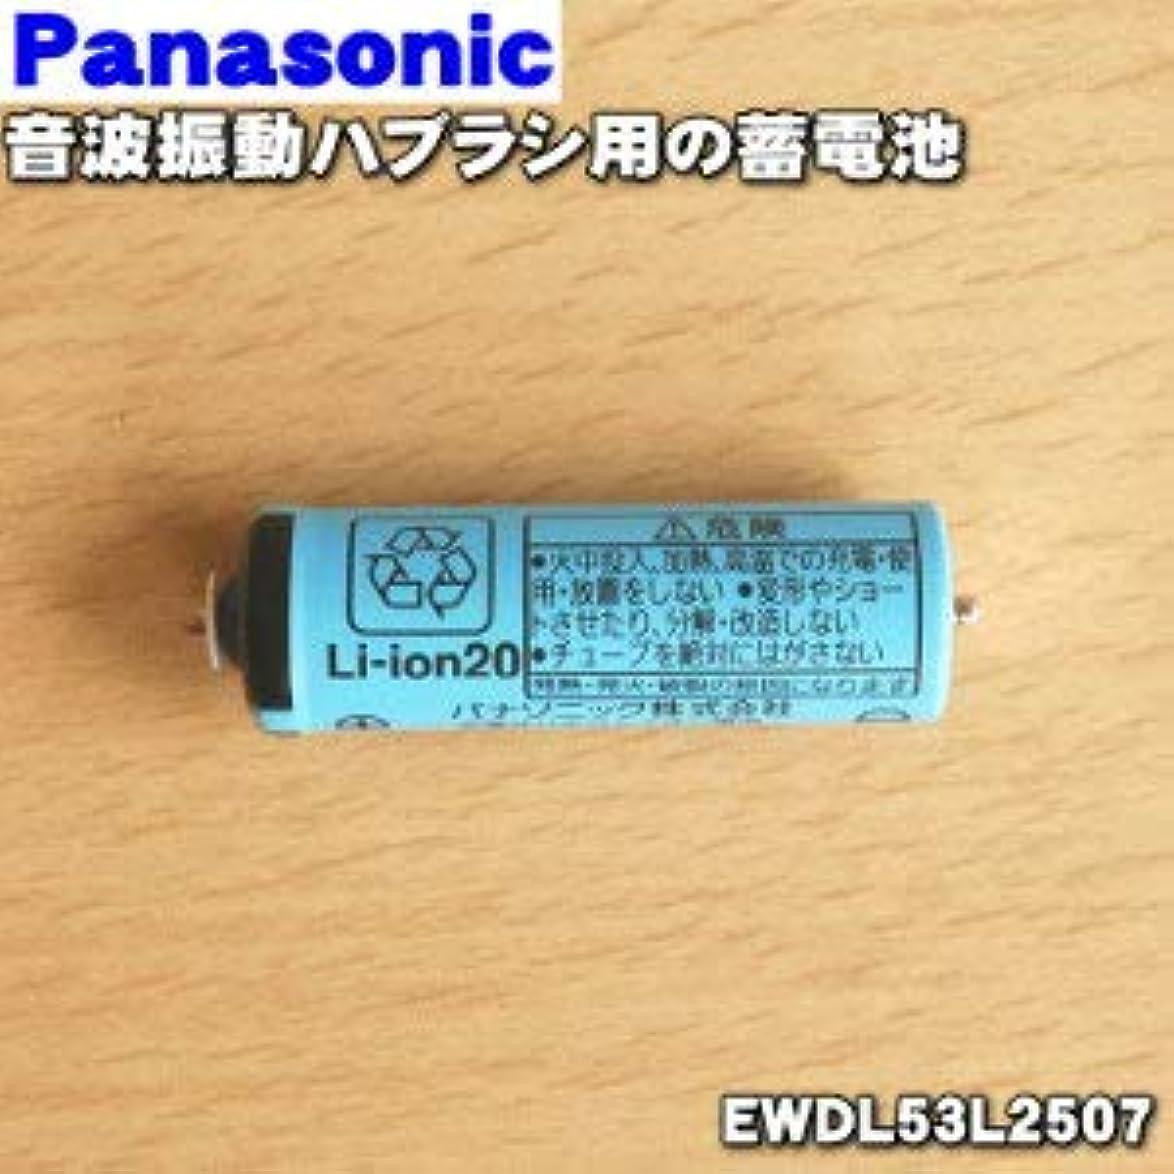 戦う毎月バレーボールパナソニック Panasonic 音波振動ハブラシ Doltz 蓄電池交換用蓄電池 EWDL53L2507